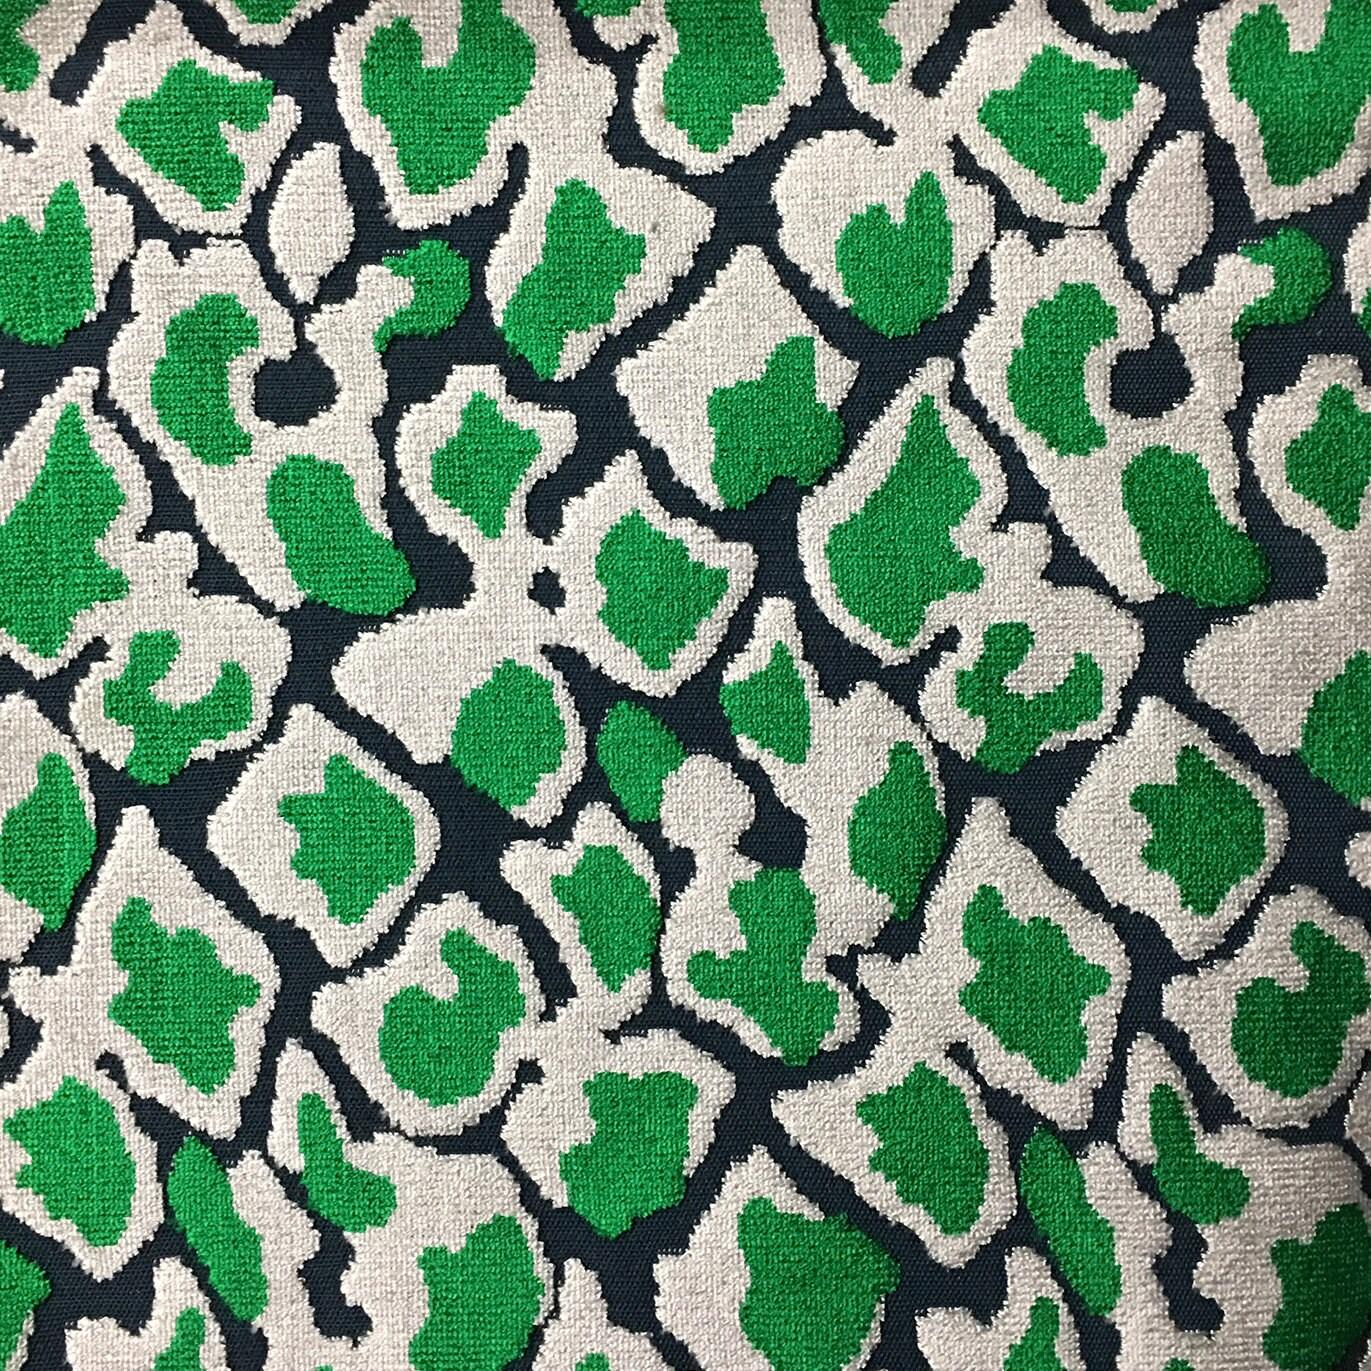 Velvet Upholstery Fabric Hendrix Emerald Leopard Print